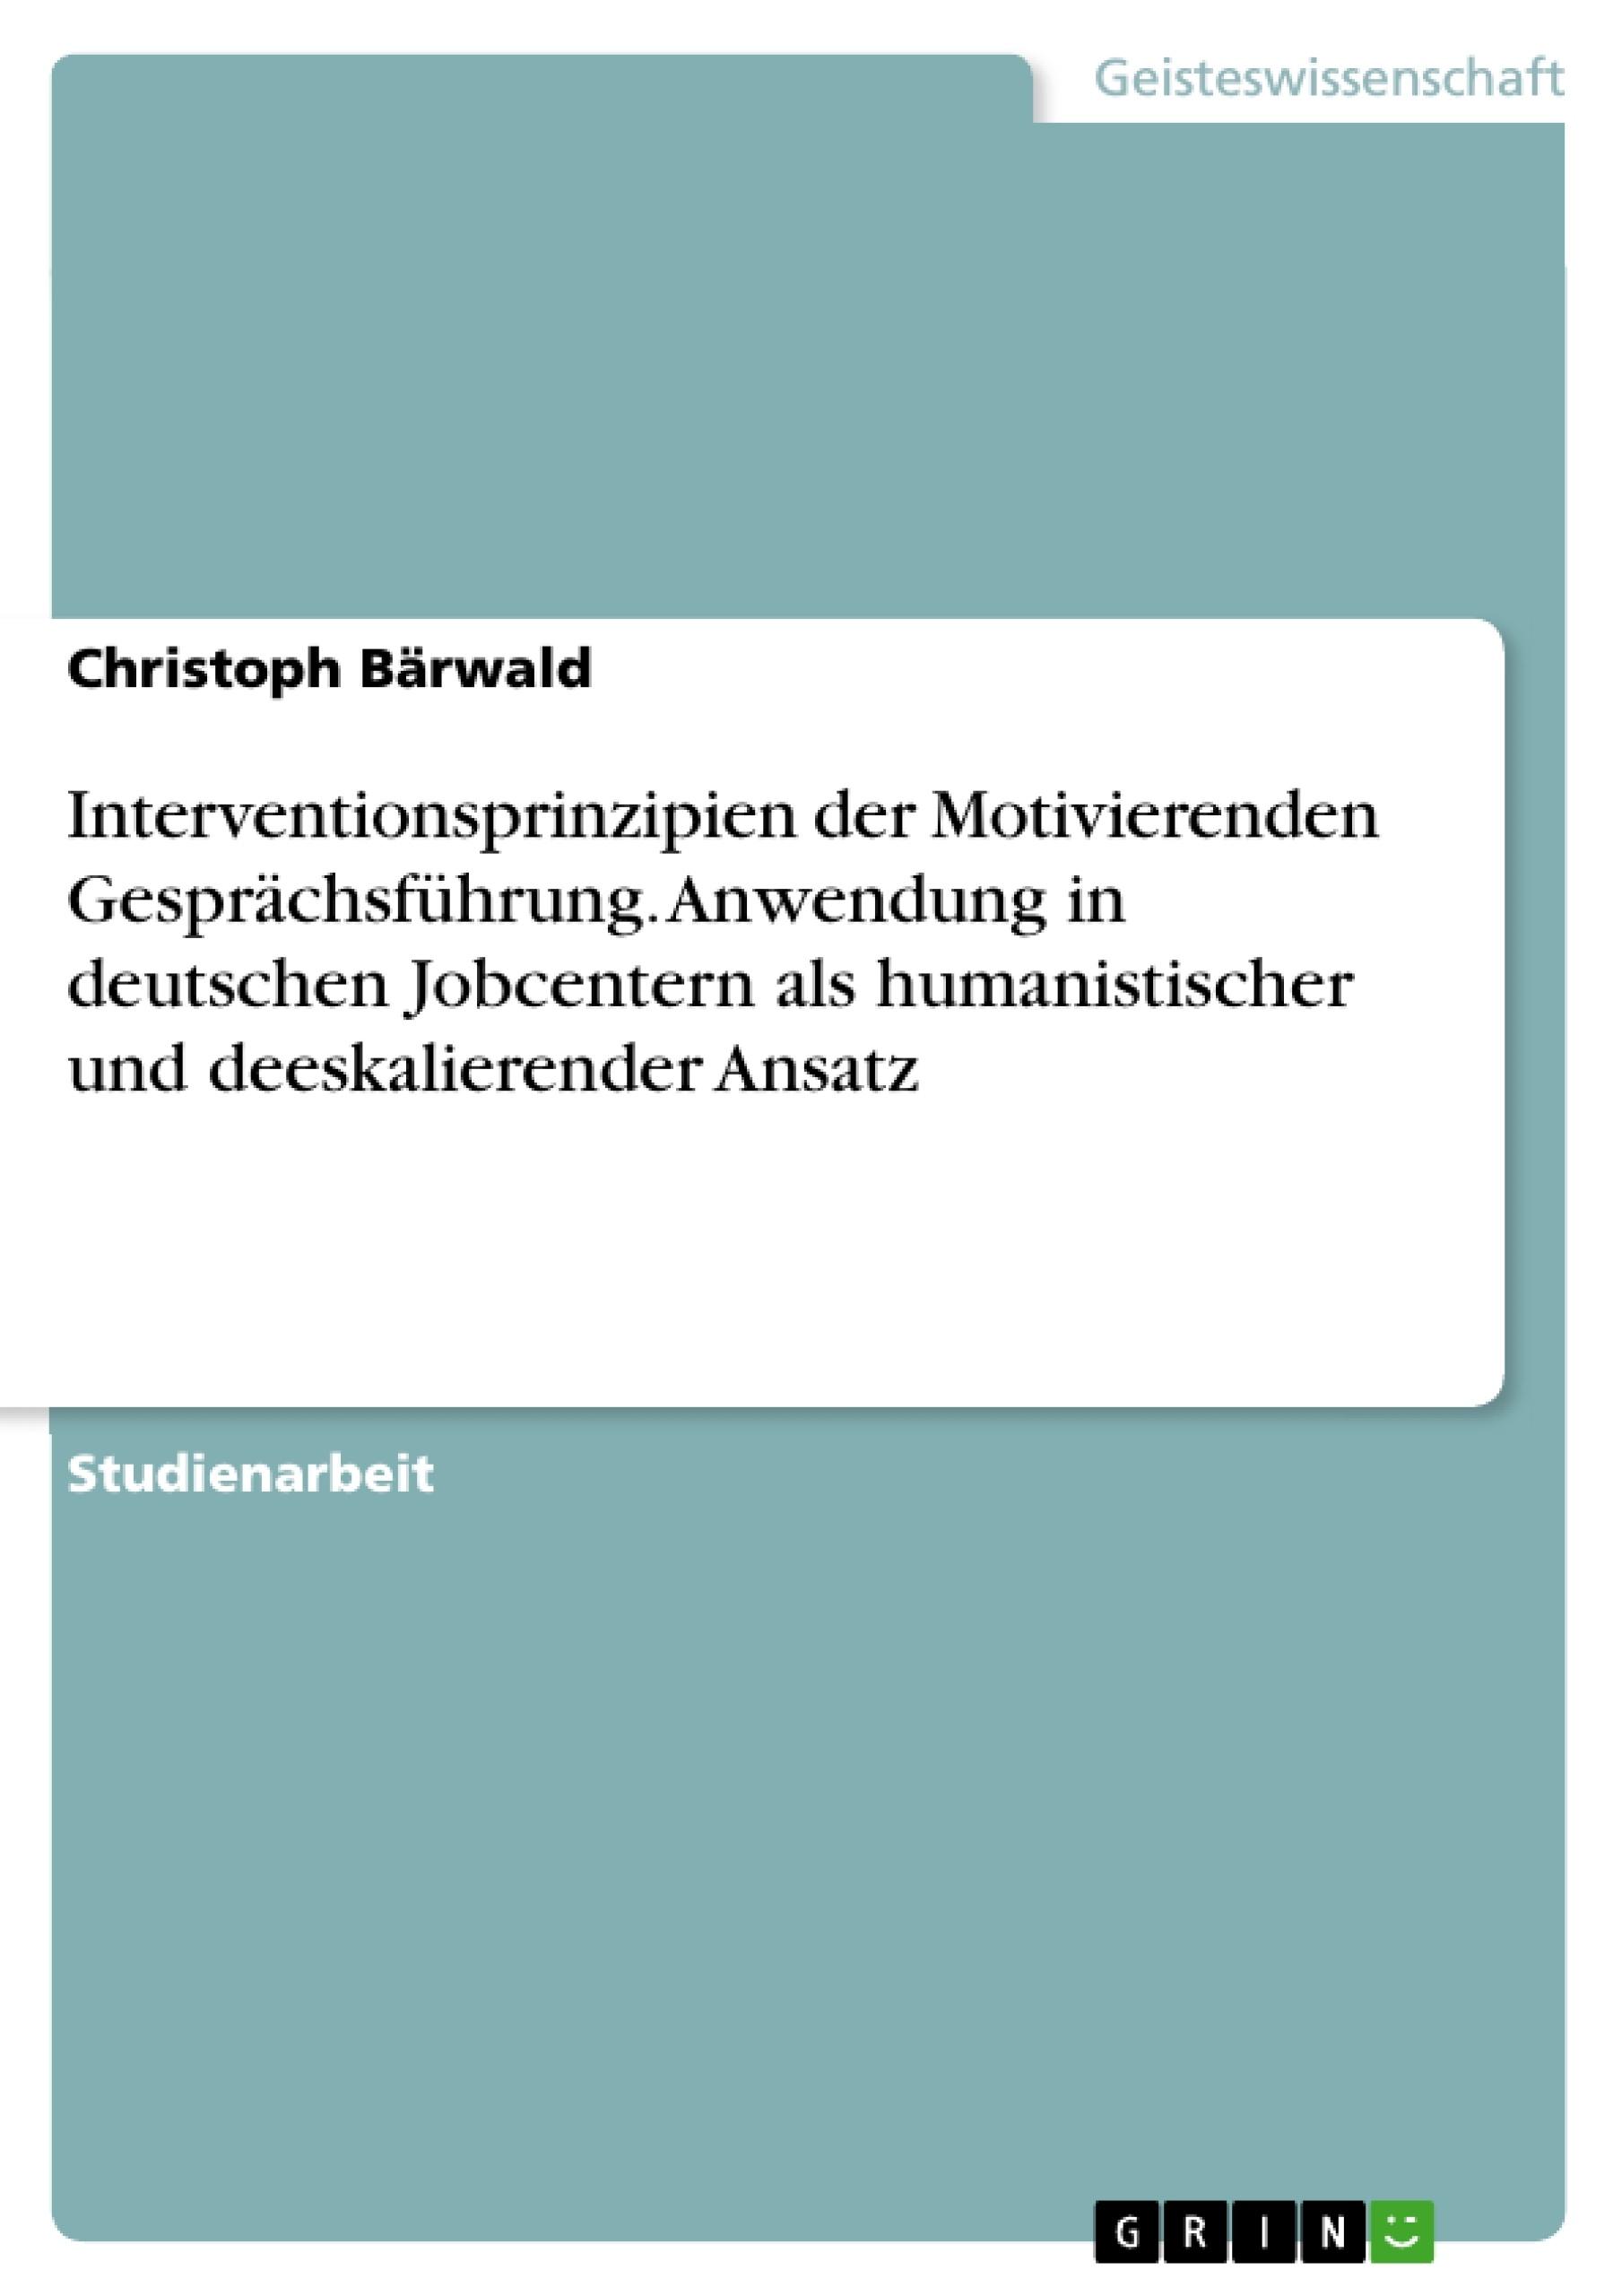 Titel: Interventionsprinzipien der Motivierenden Gesprächsführung. Anwendung in deutschen Jobcentern als humanistischer und deeskalierender Ansatz